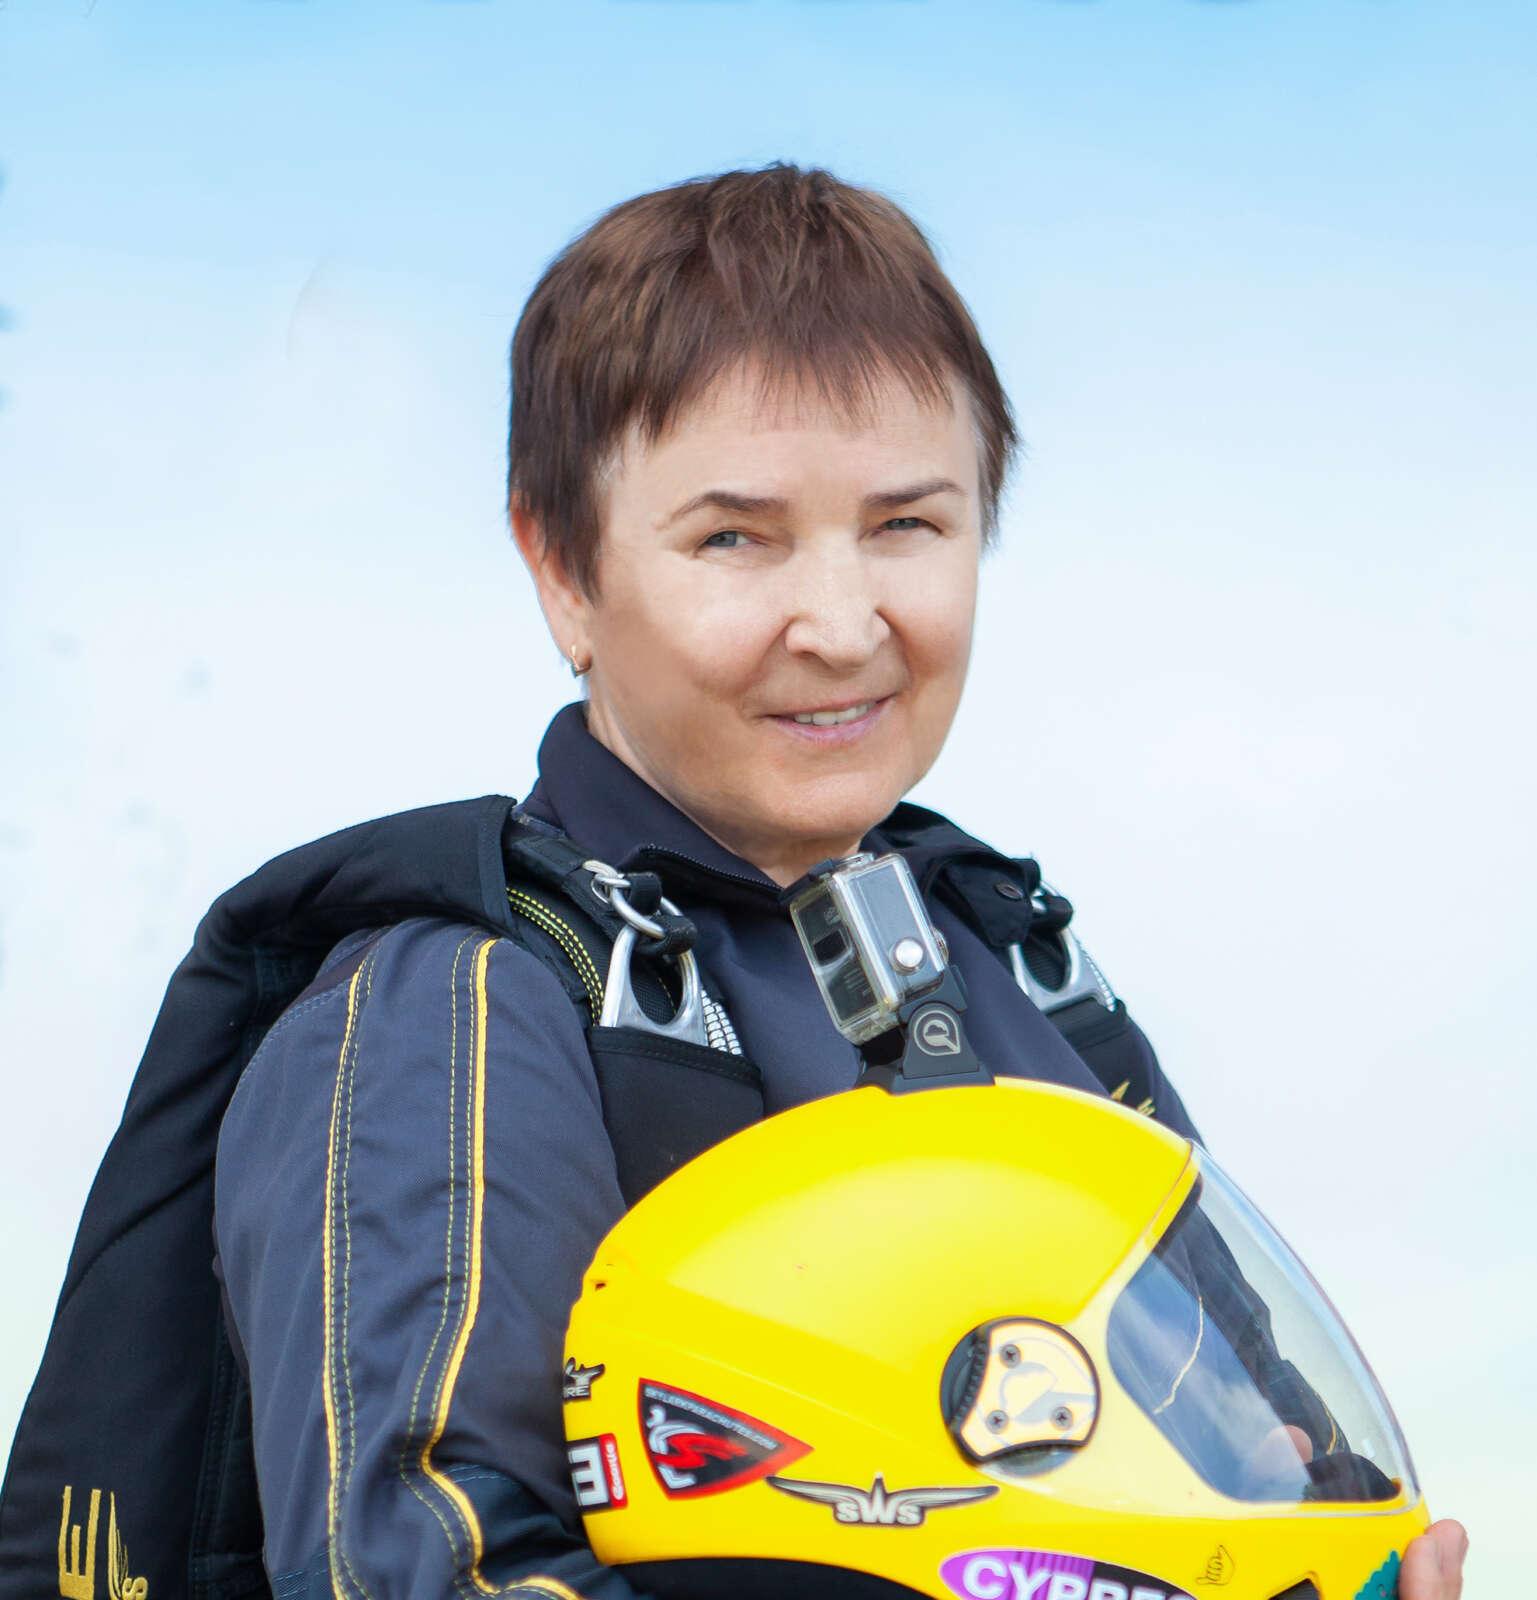 Людмила Яковлева - AFF инструктор - Skydive Academy